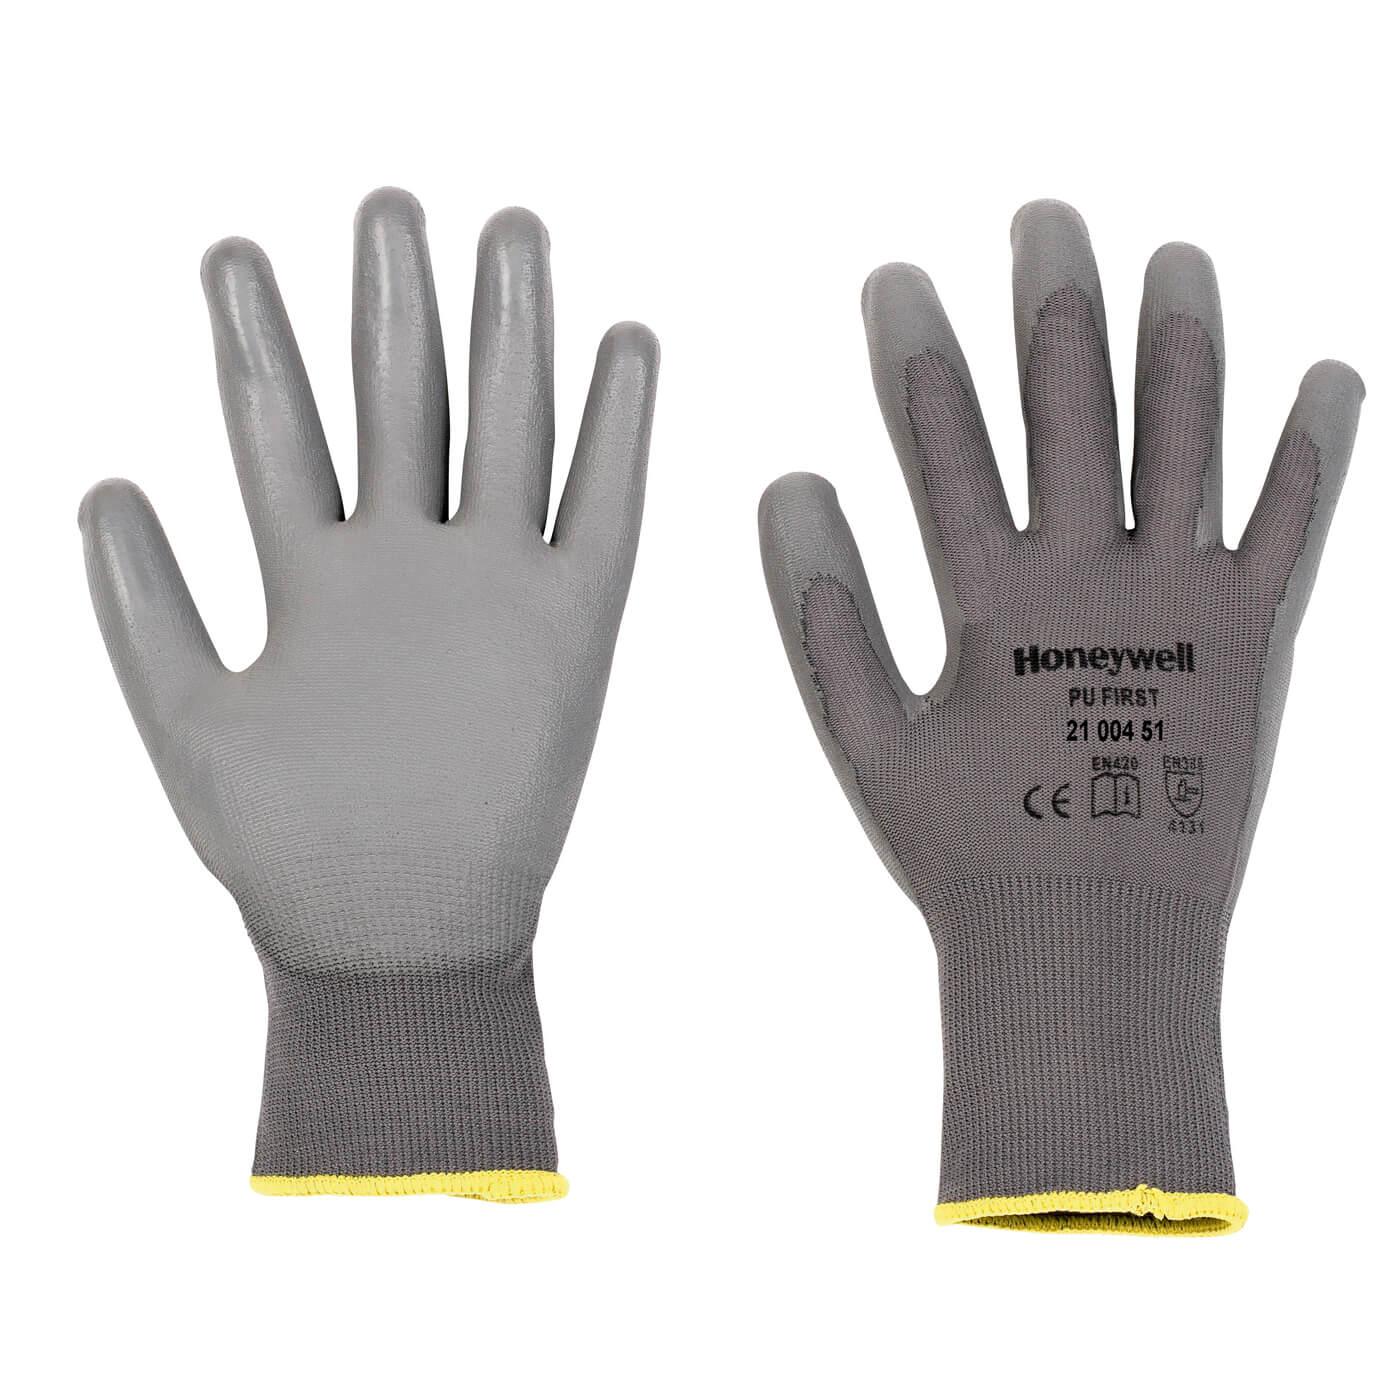 Rękawice montażowe Honeywell PU 1st Grey